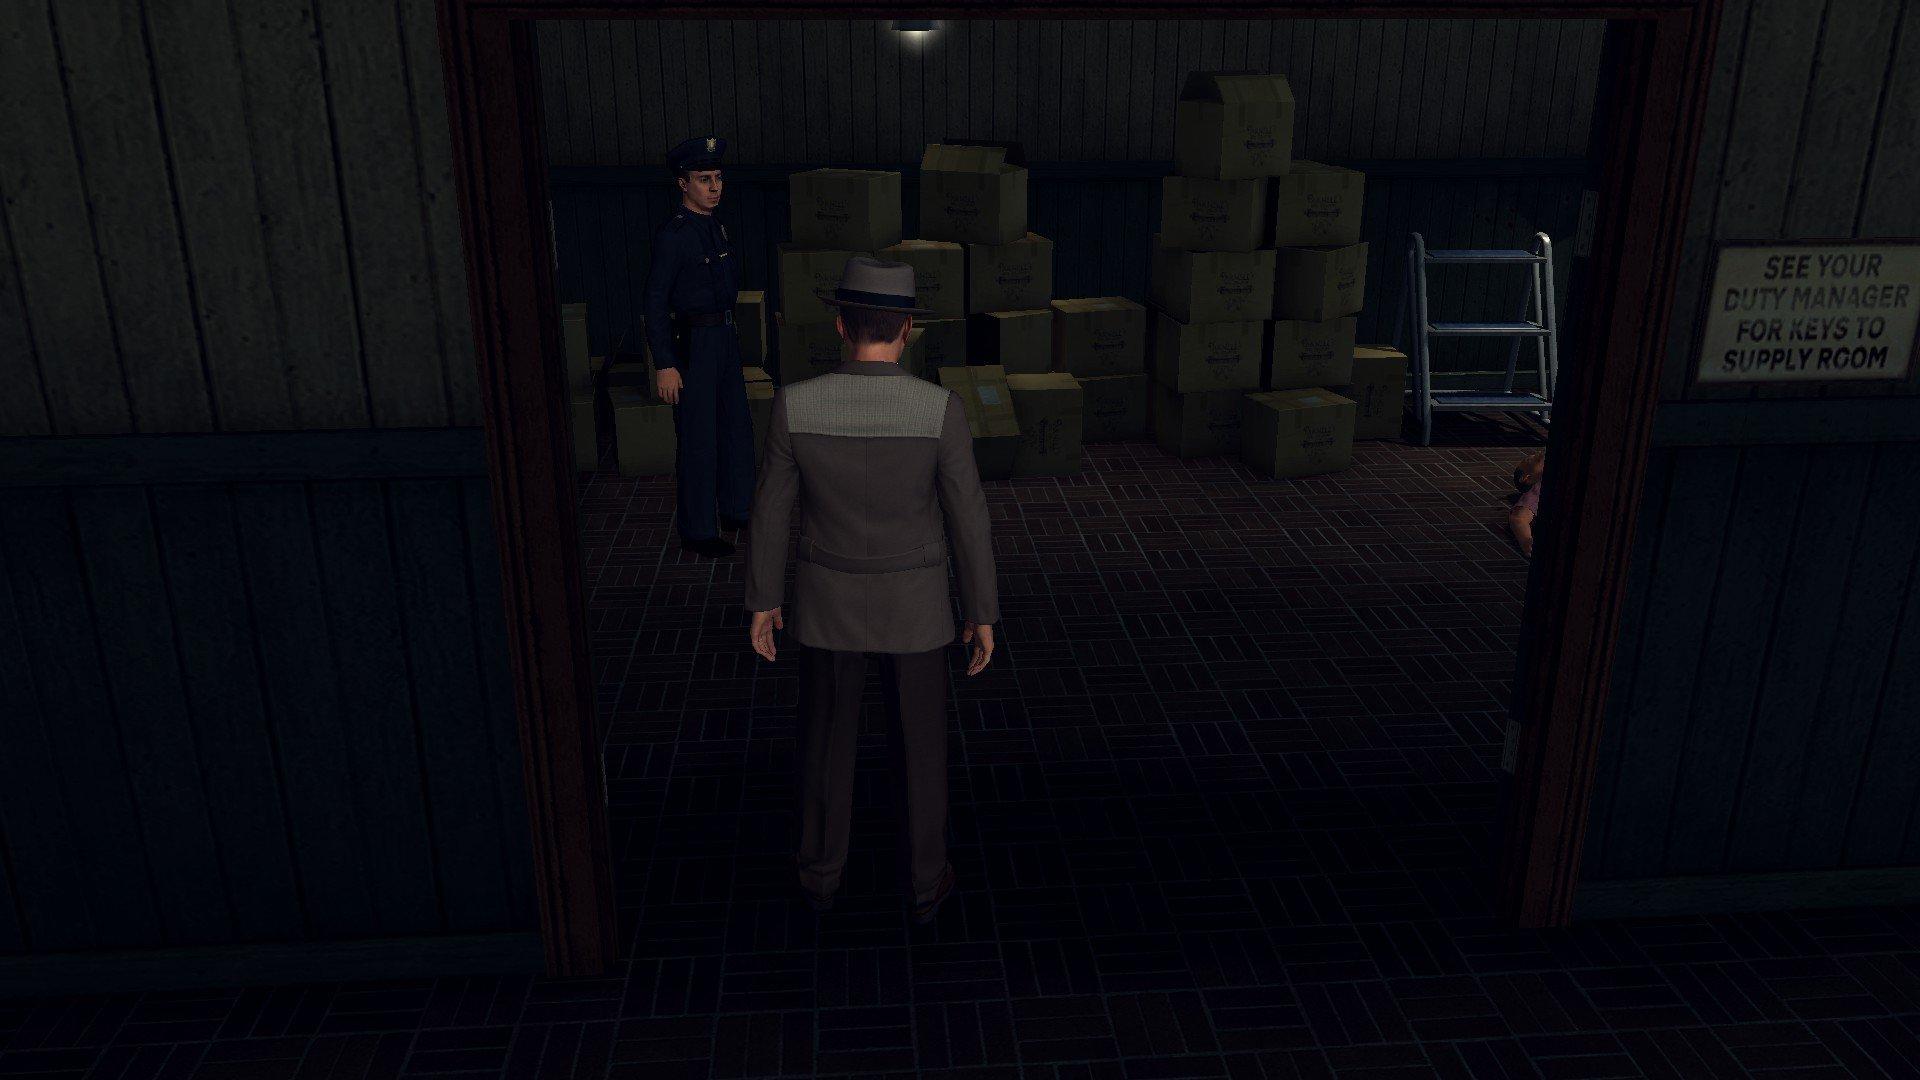 Пост-прохождение L.A. Noire Часть 15. - Изображение 52